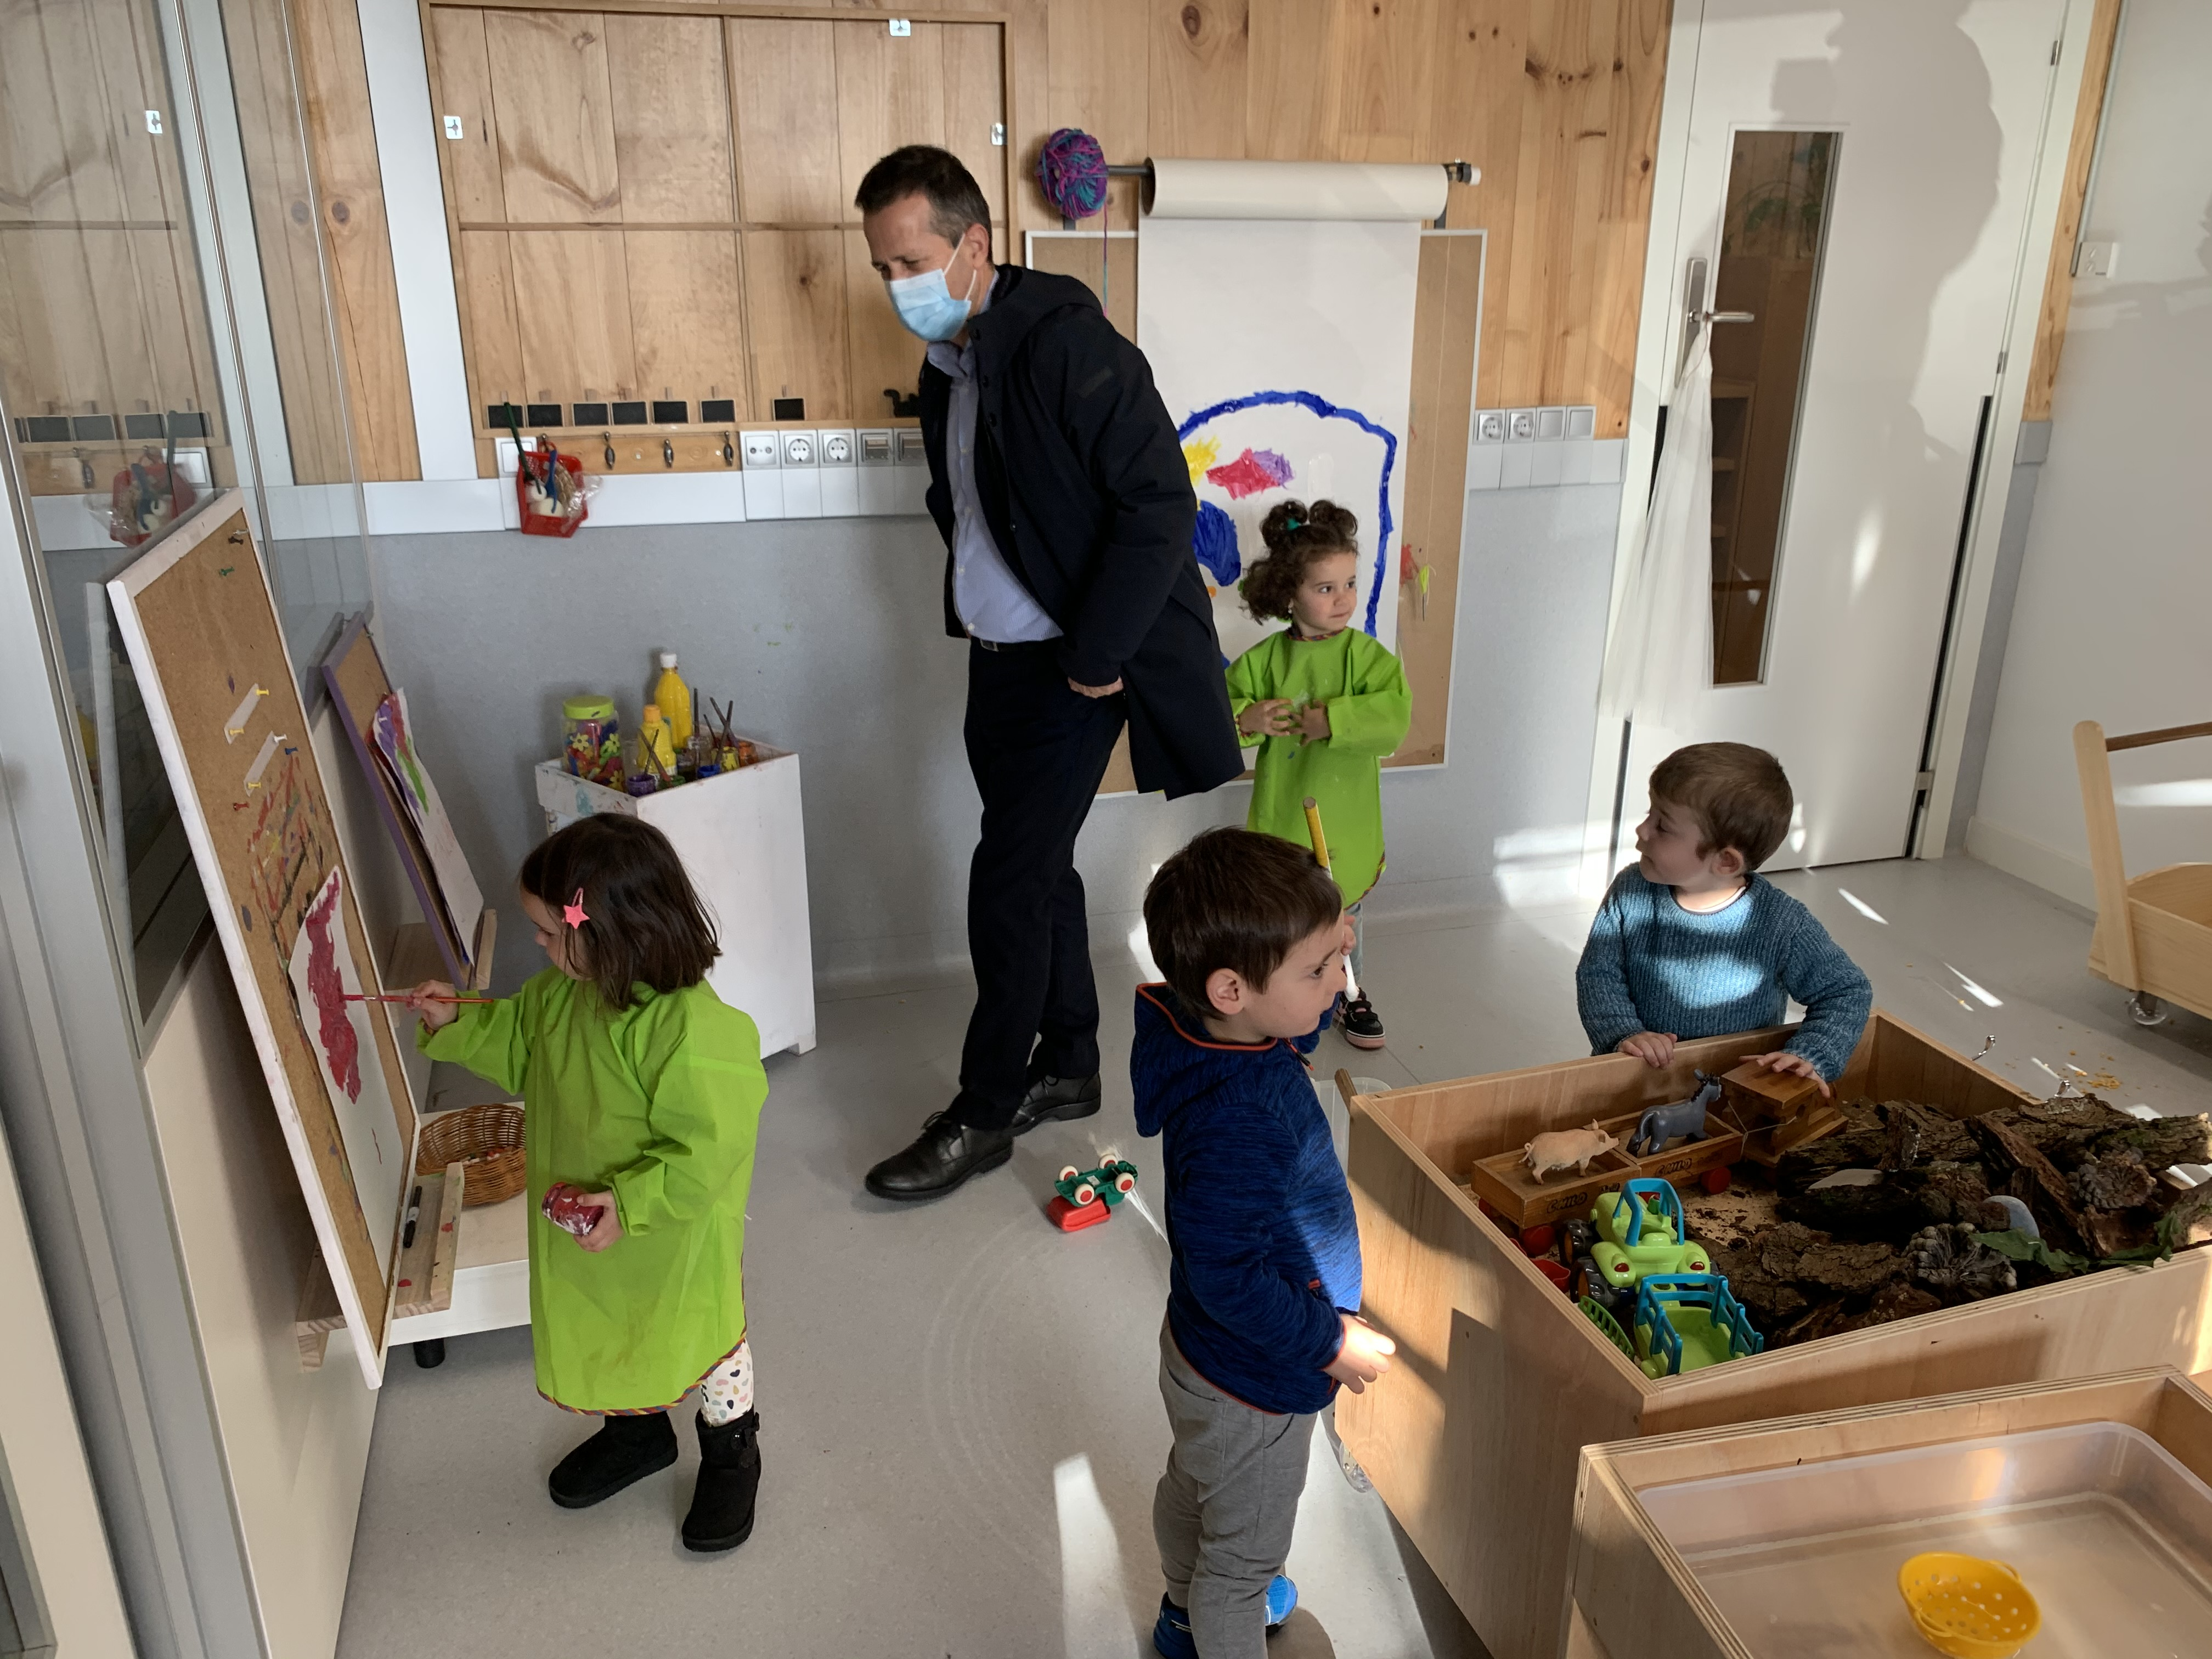 Jokin Bildarratz visita el nuevo edificio de la Eskola Txikia de Alkiza [6:17]